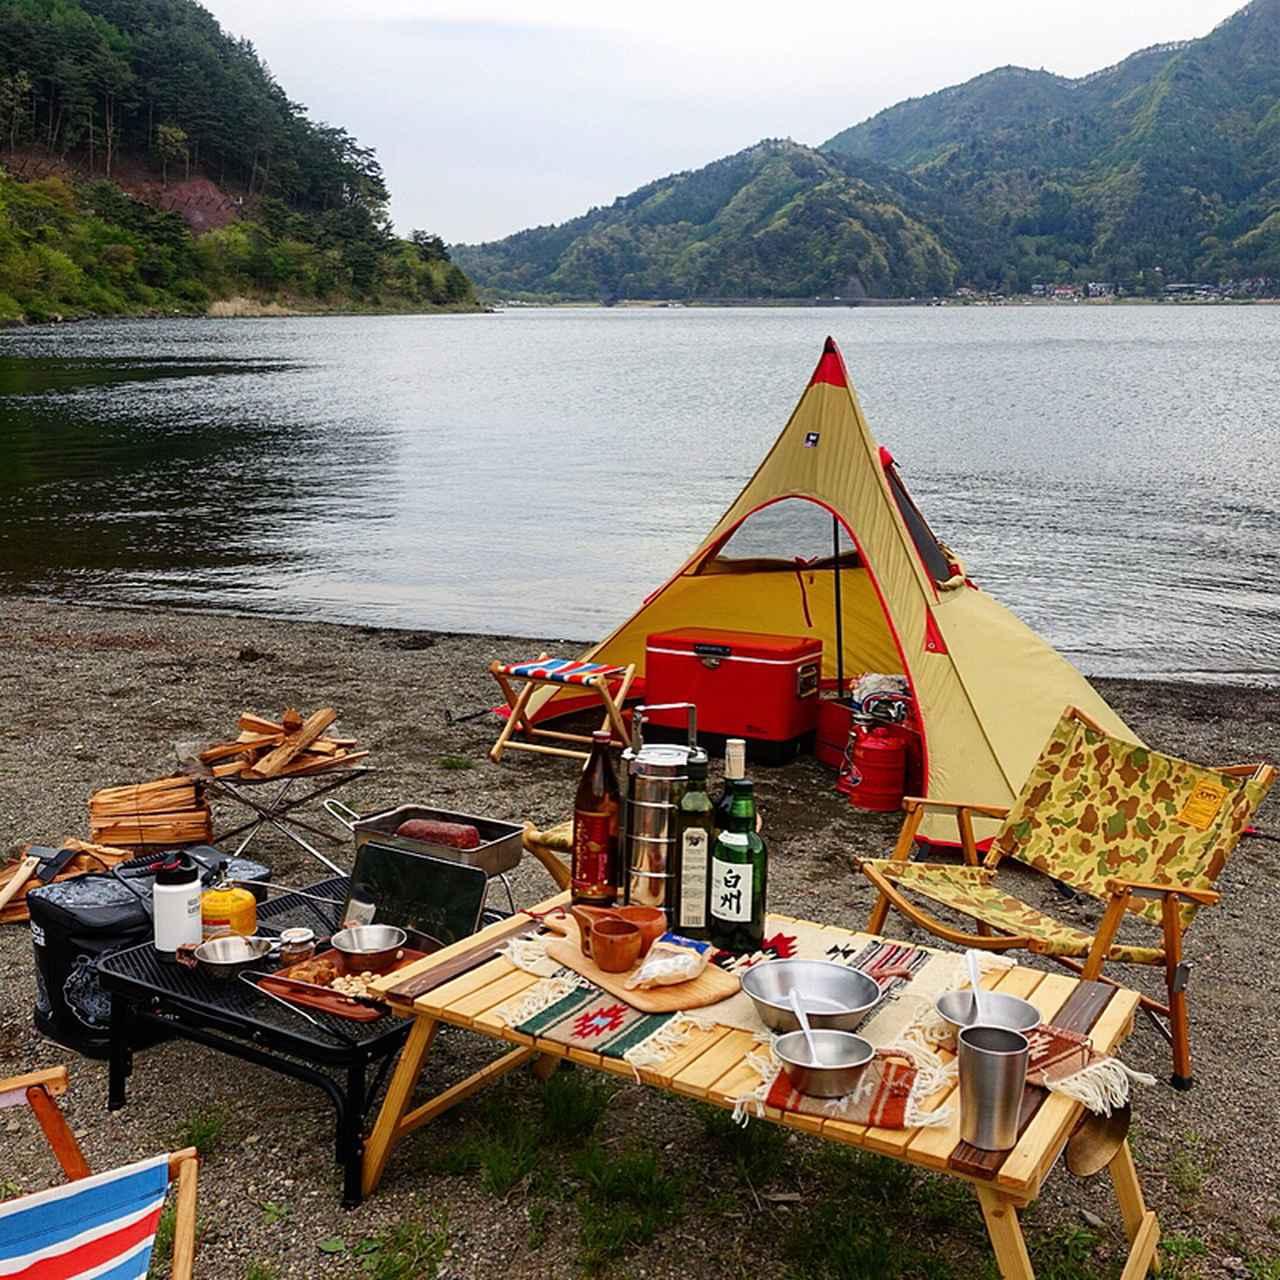 画像: ロースタイルキャンプの楽しみ方! ローテーブルにローチェアなどおすすめギア3選 - ハピキャン(HAPPY CAMPER)